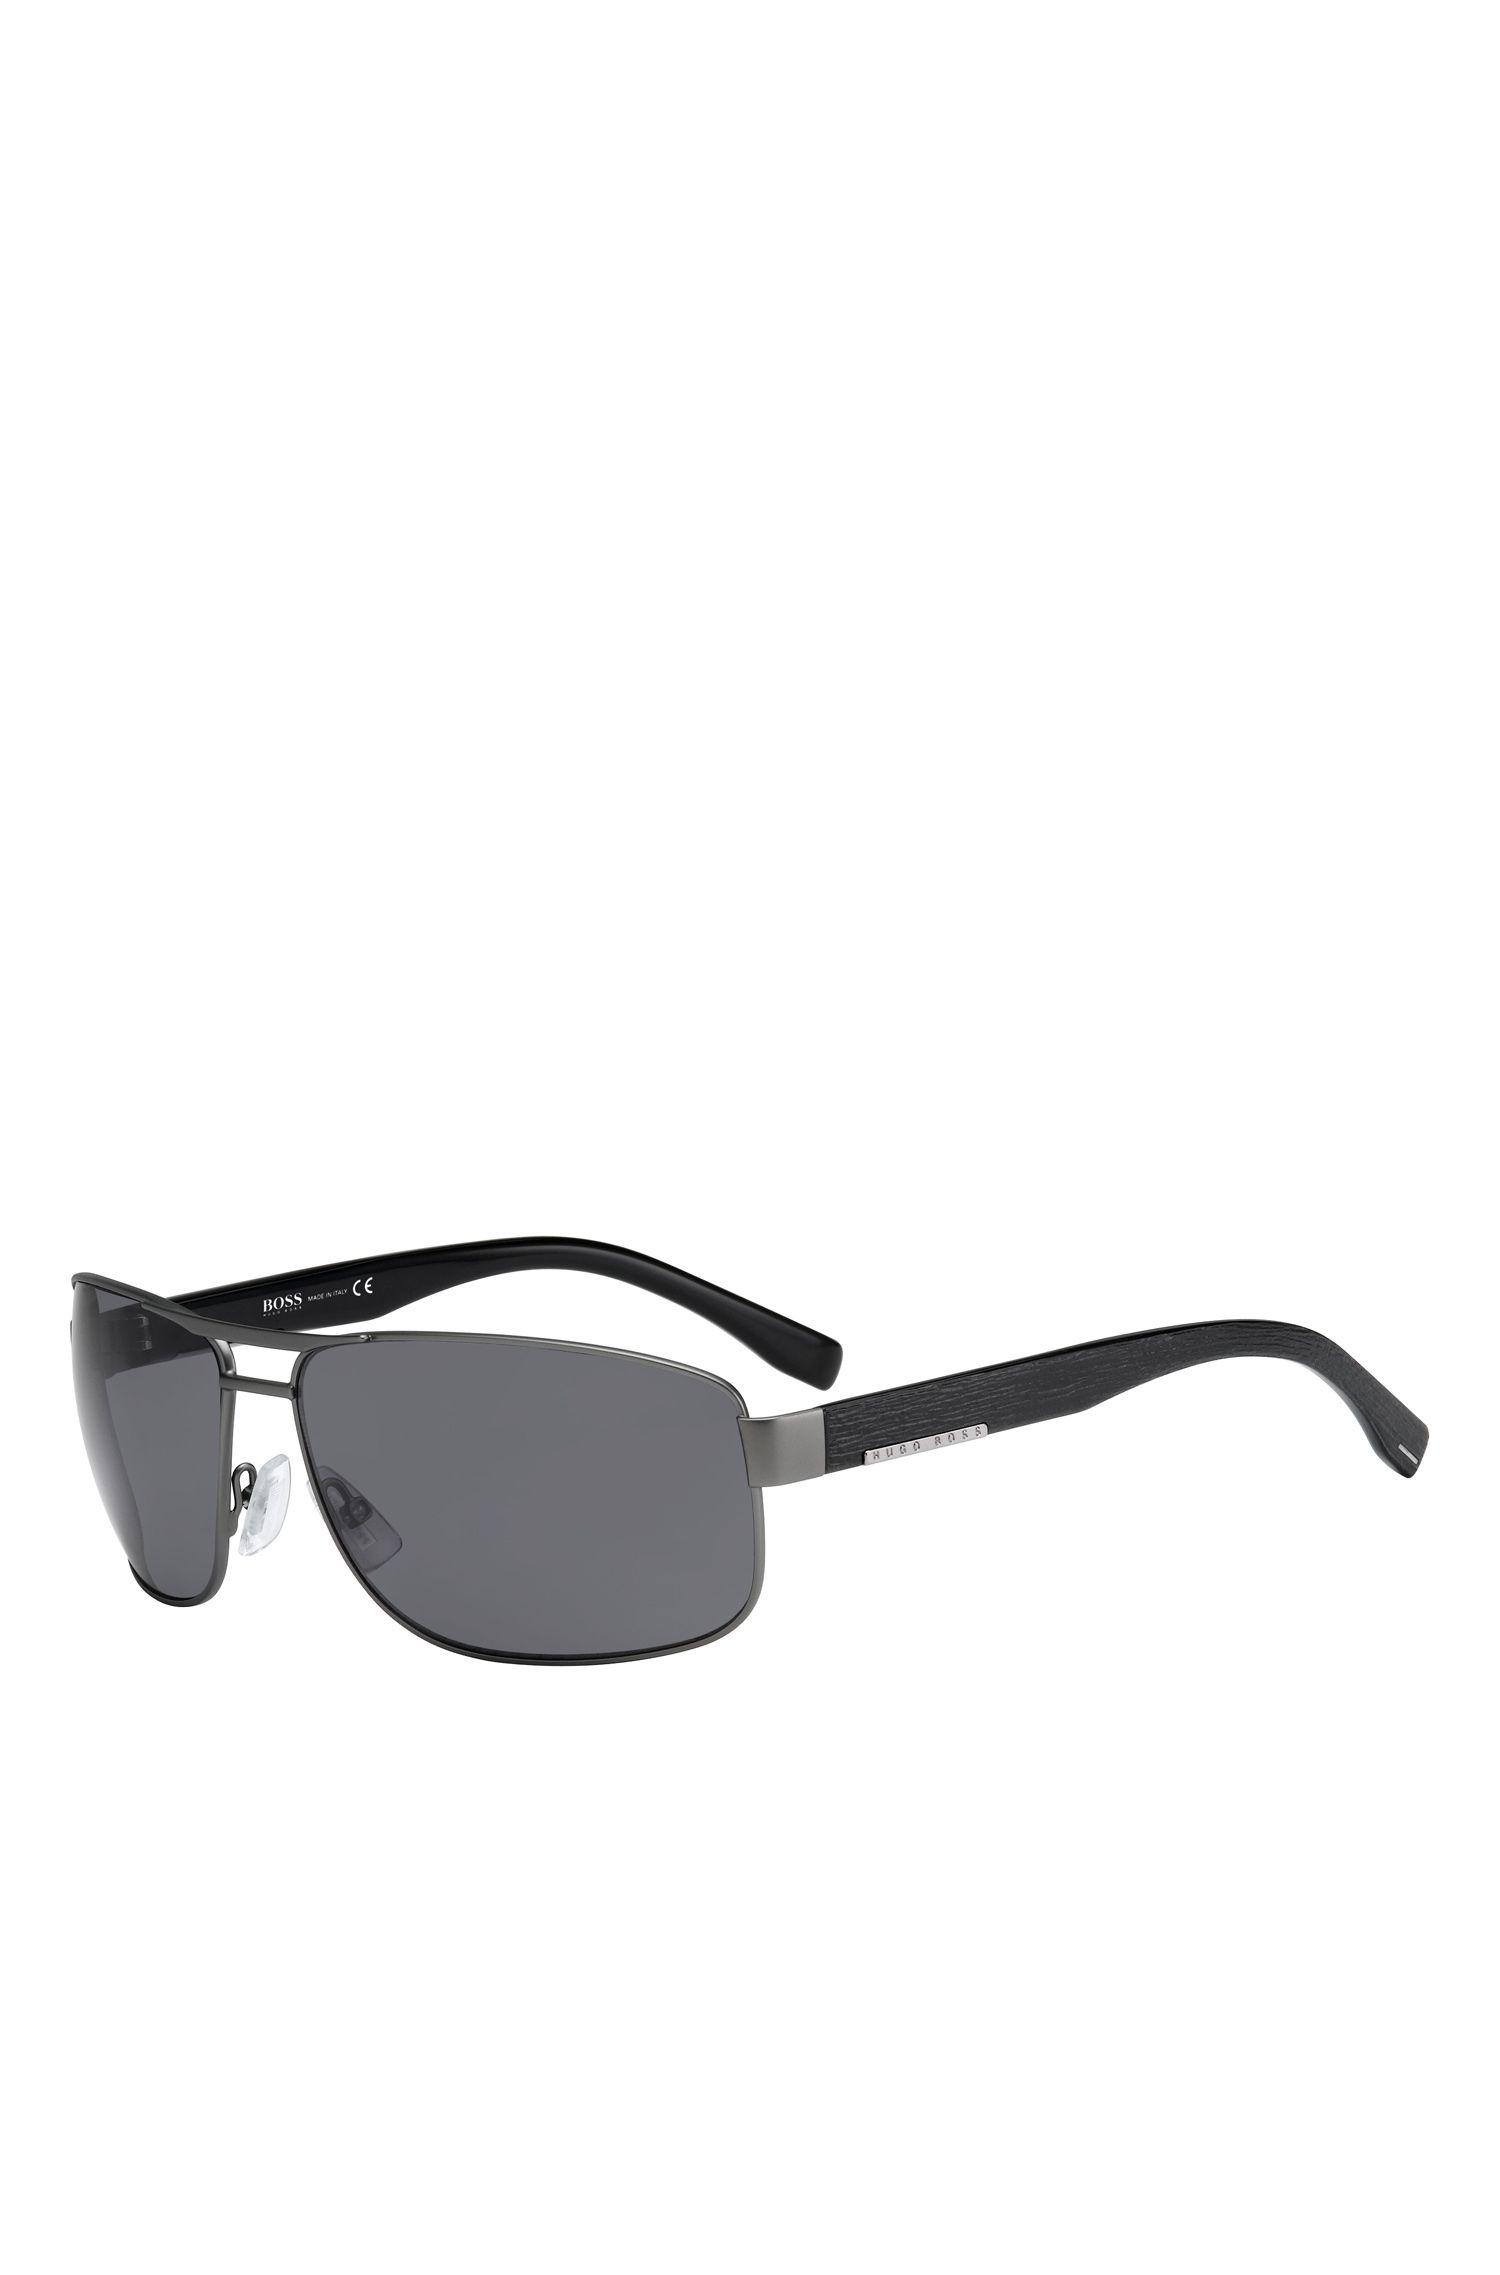 'BOSS 0668S' | Black Lens Wood-Detail Navigator Sunglasses